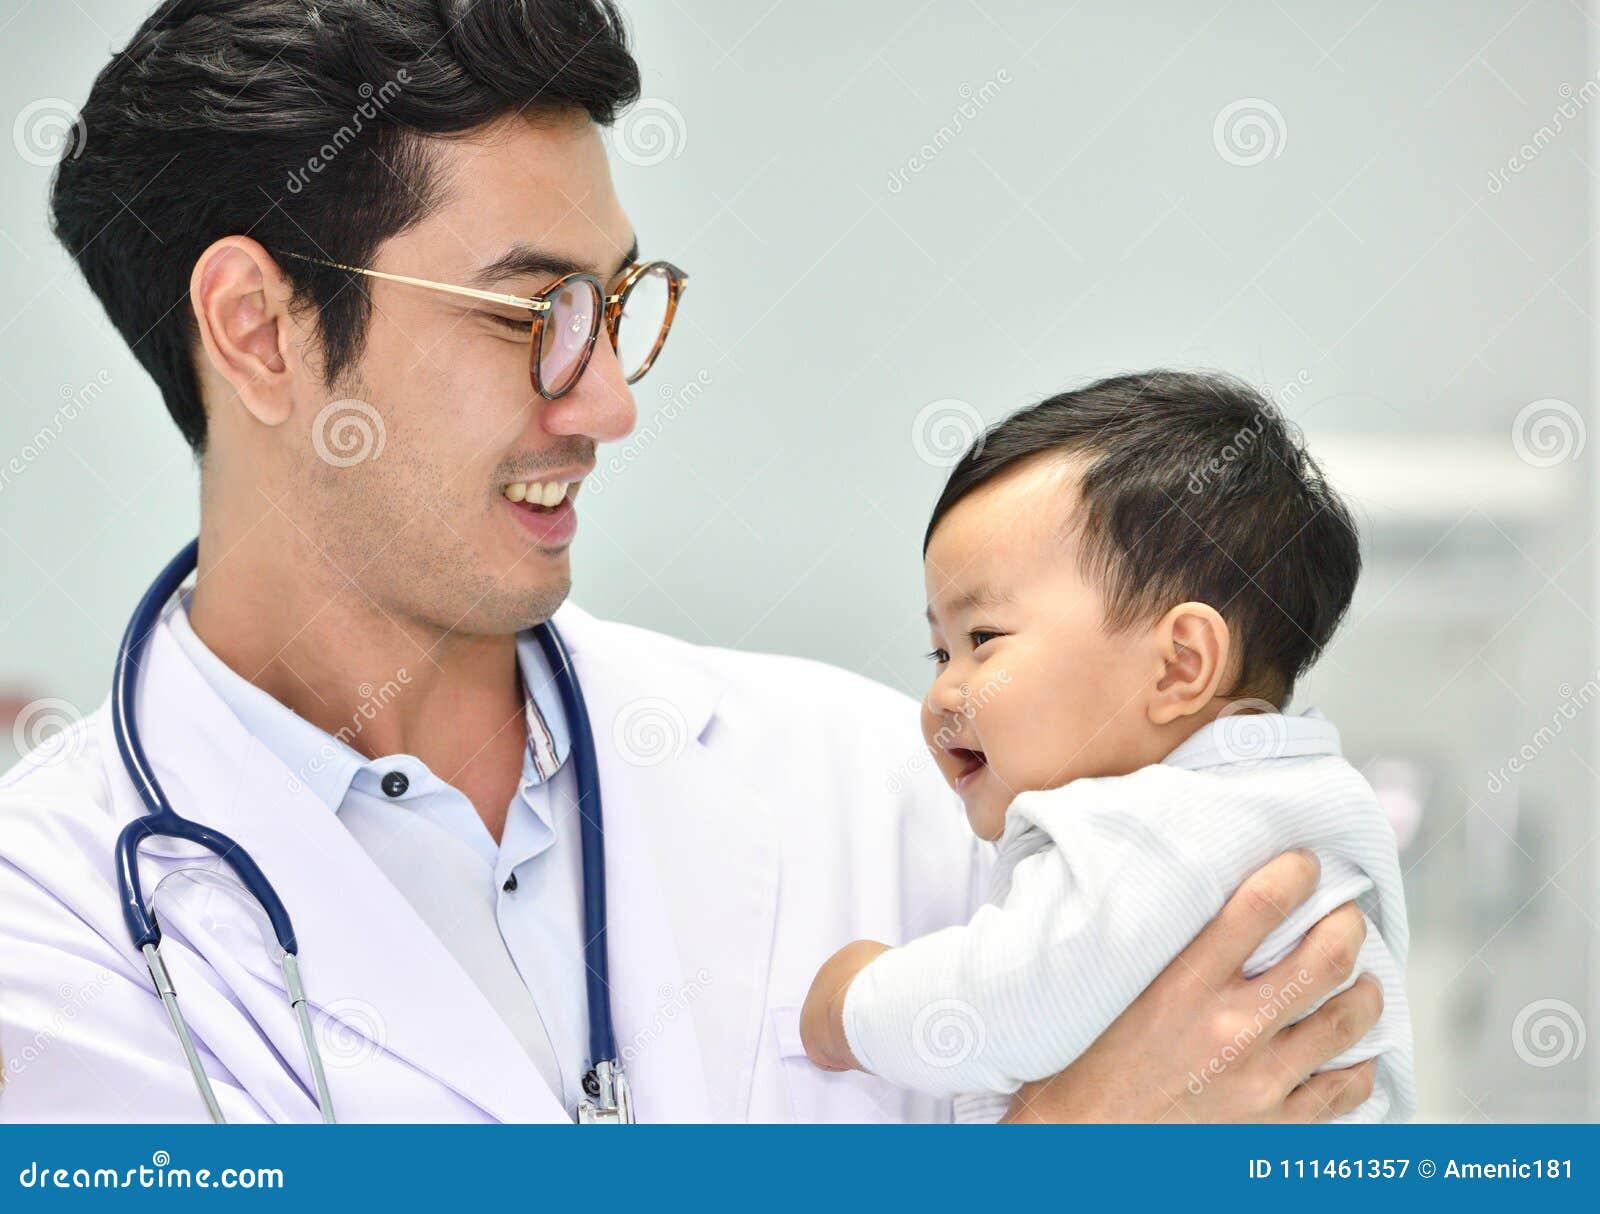 Asiatischer Kinderarzt kümmert sich um Baby